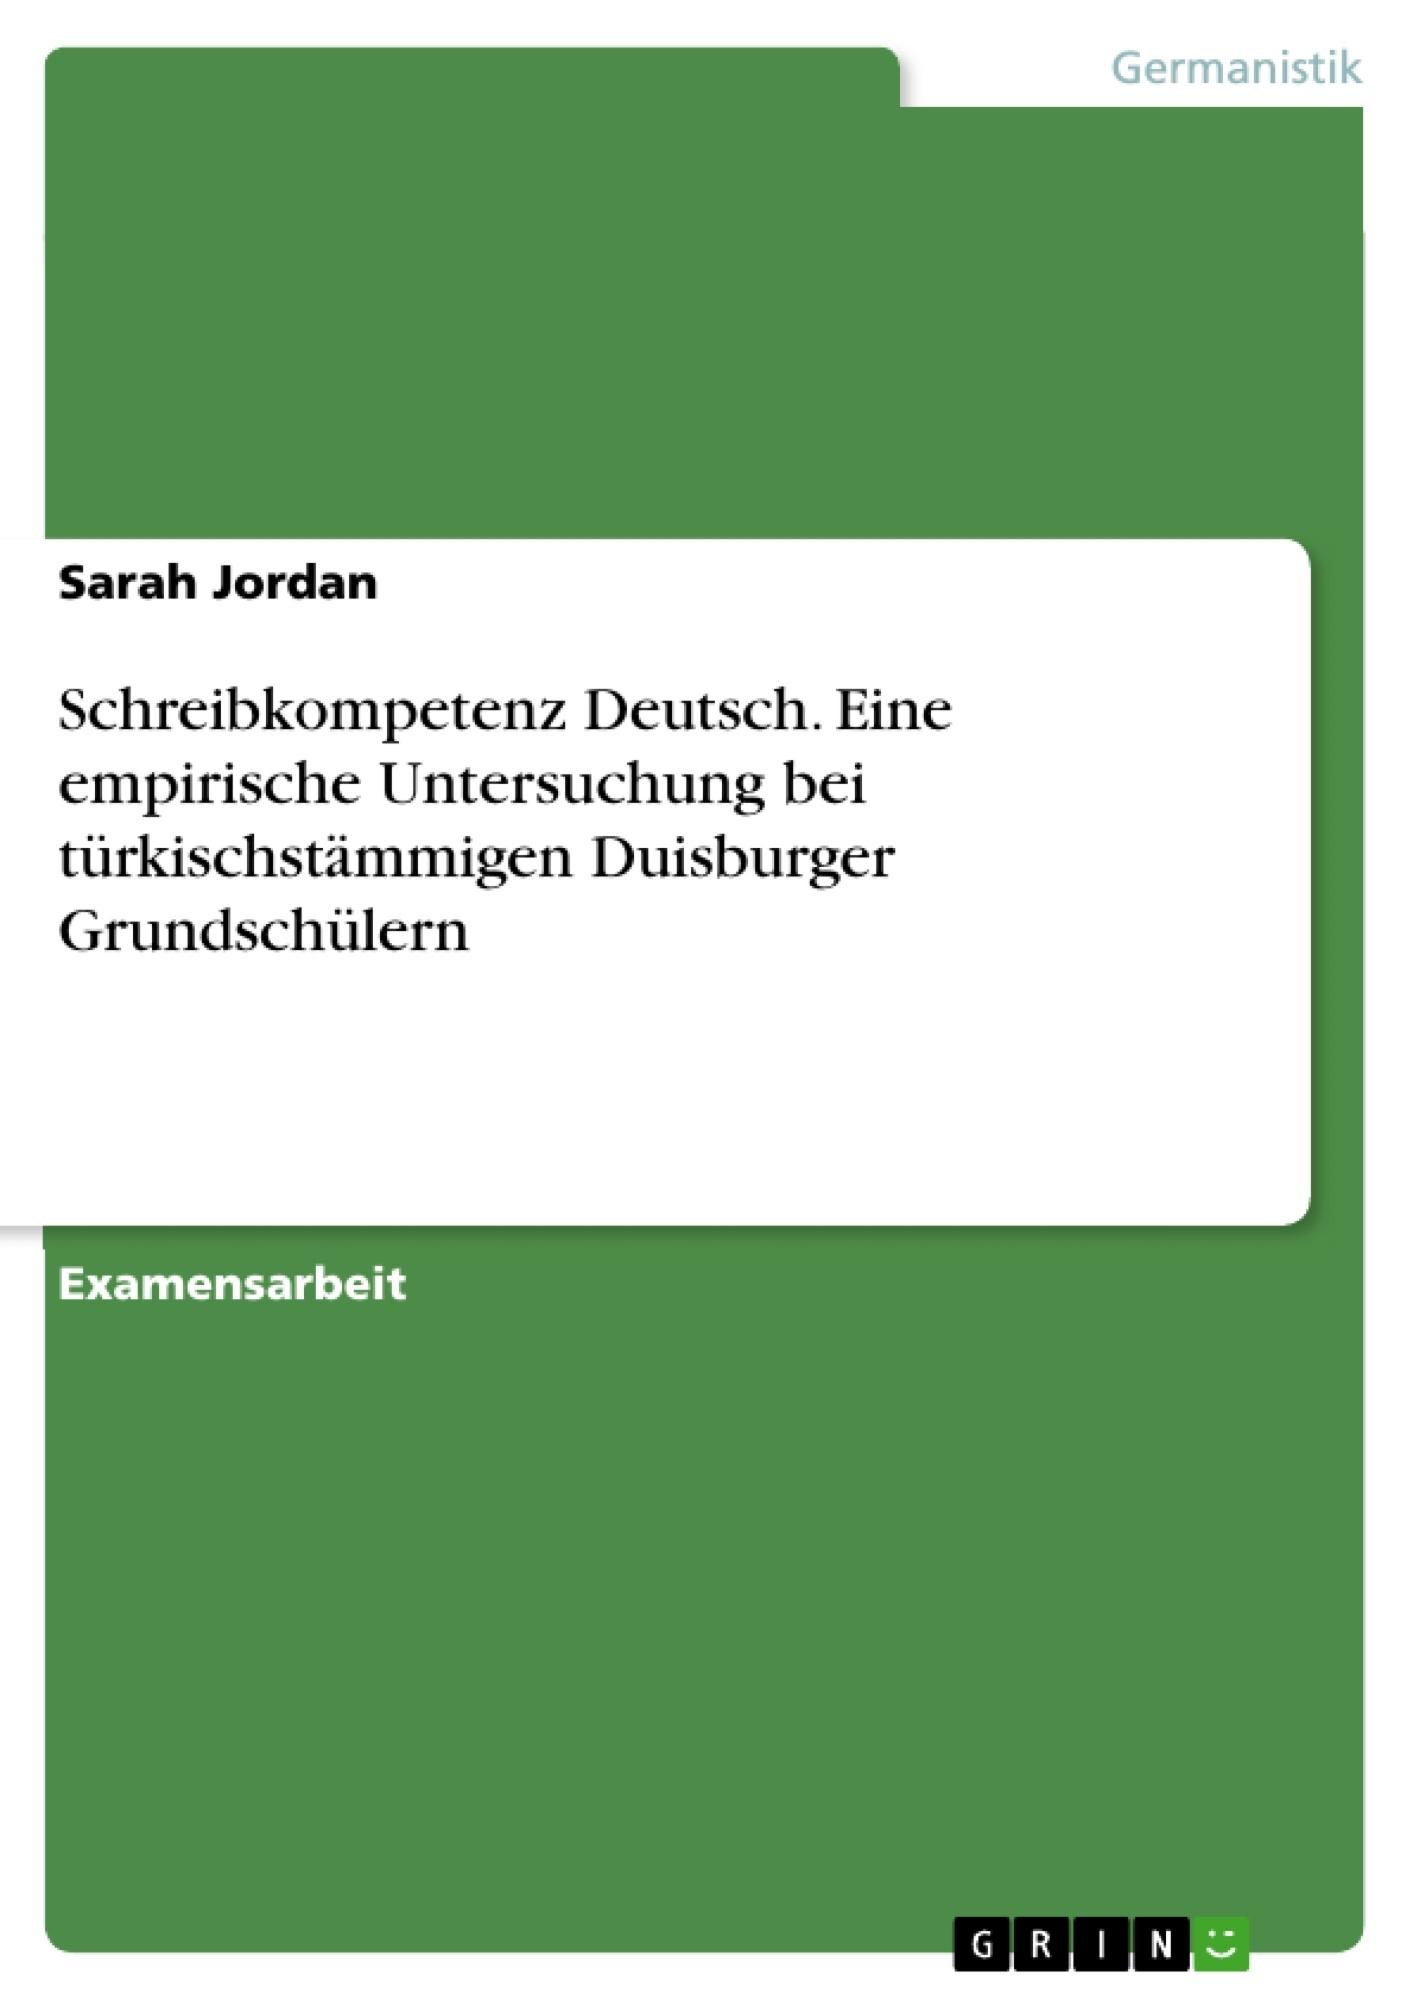 Titel: Schreibkompetenz Deutsch. Eine empirische Untersuchung bei türkischstämmigen Duisburger Grundschülern